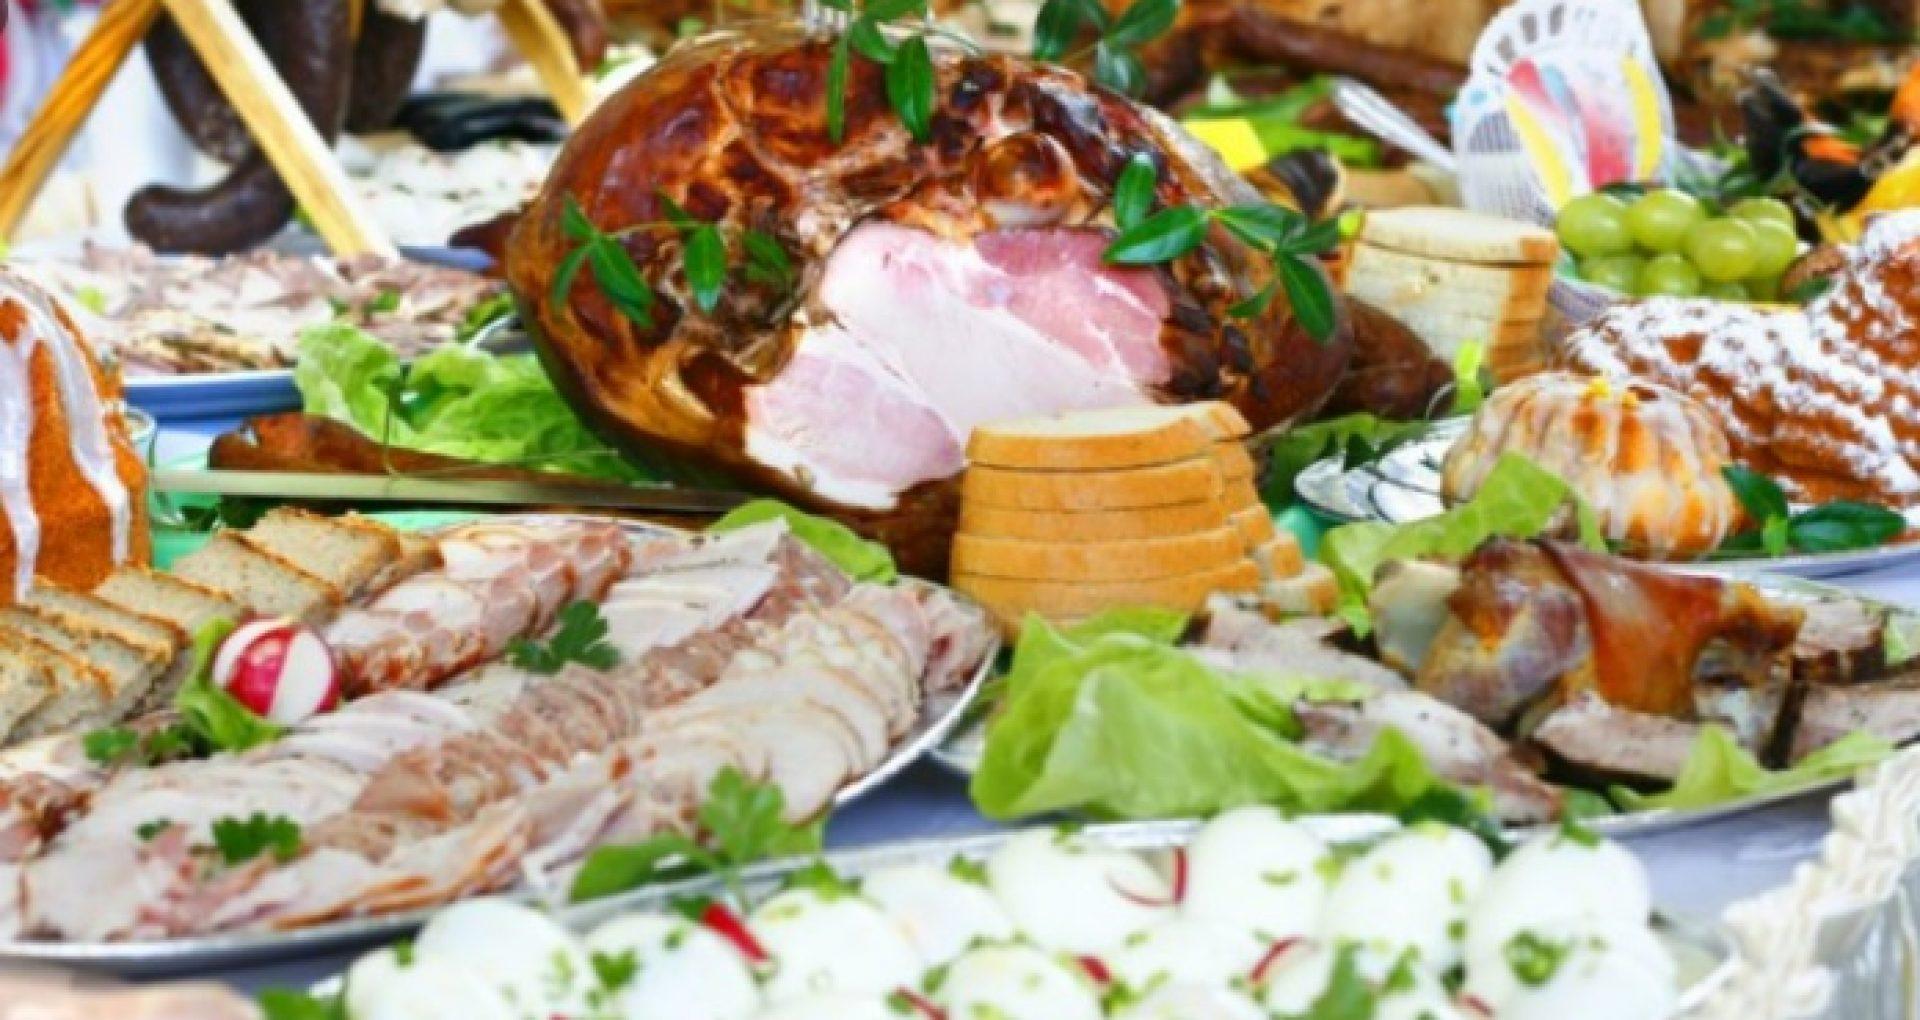 Recomandările specialiștilor de sănătate publică privind alimentația în perioada sărbătorilor de Paști